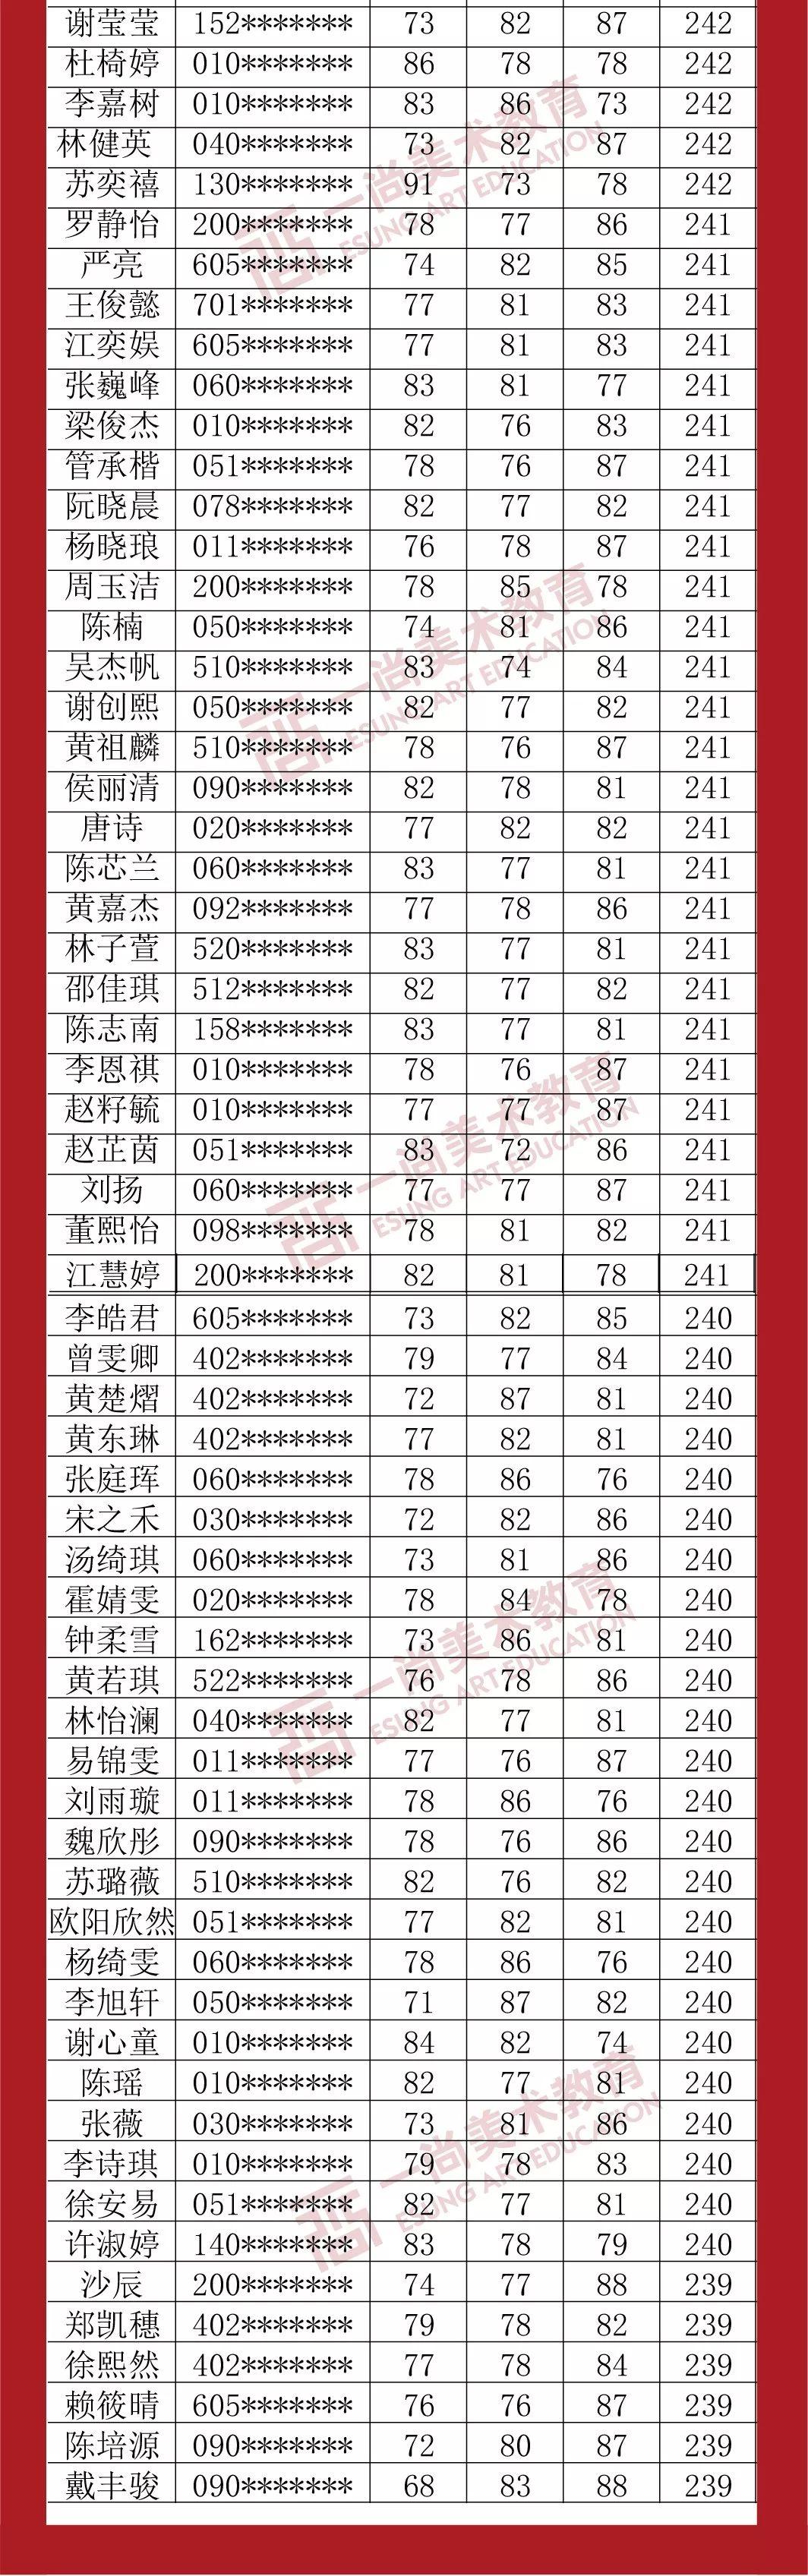 广州度岸画室,广东美术联考,广州美术培训         33